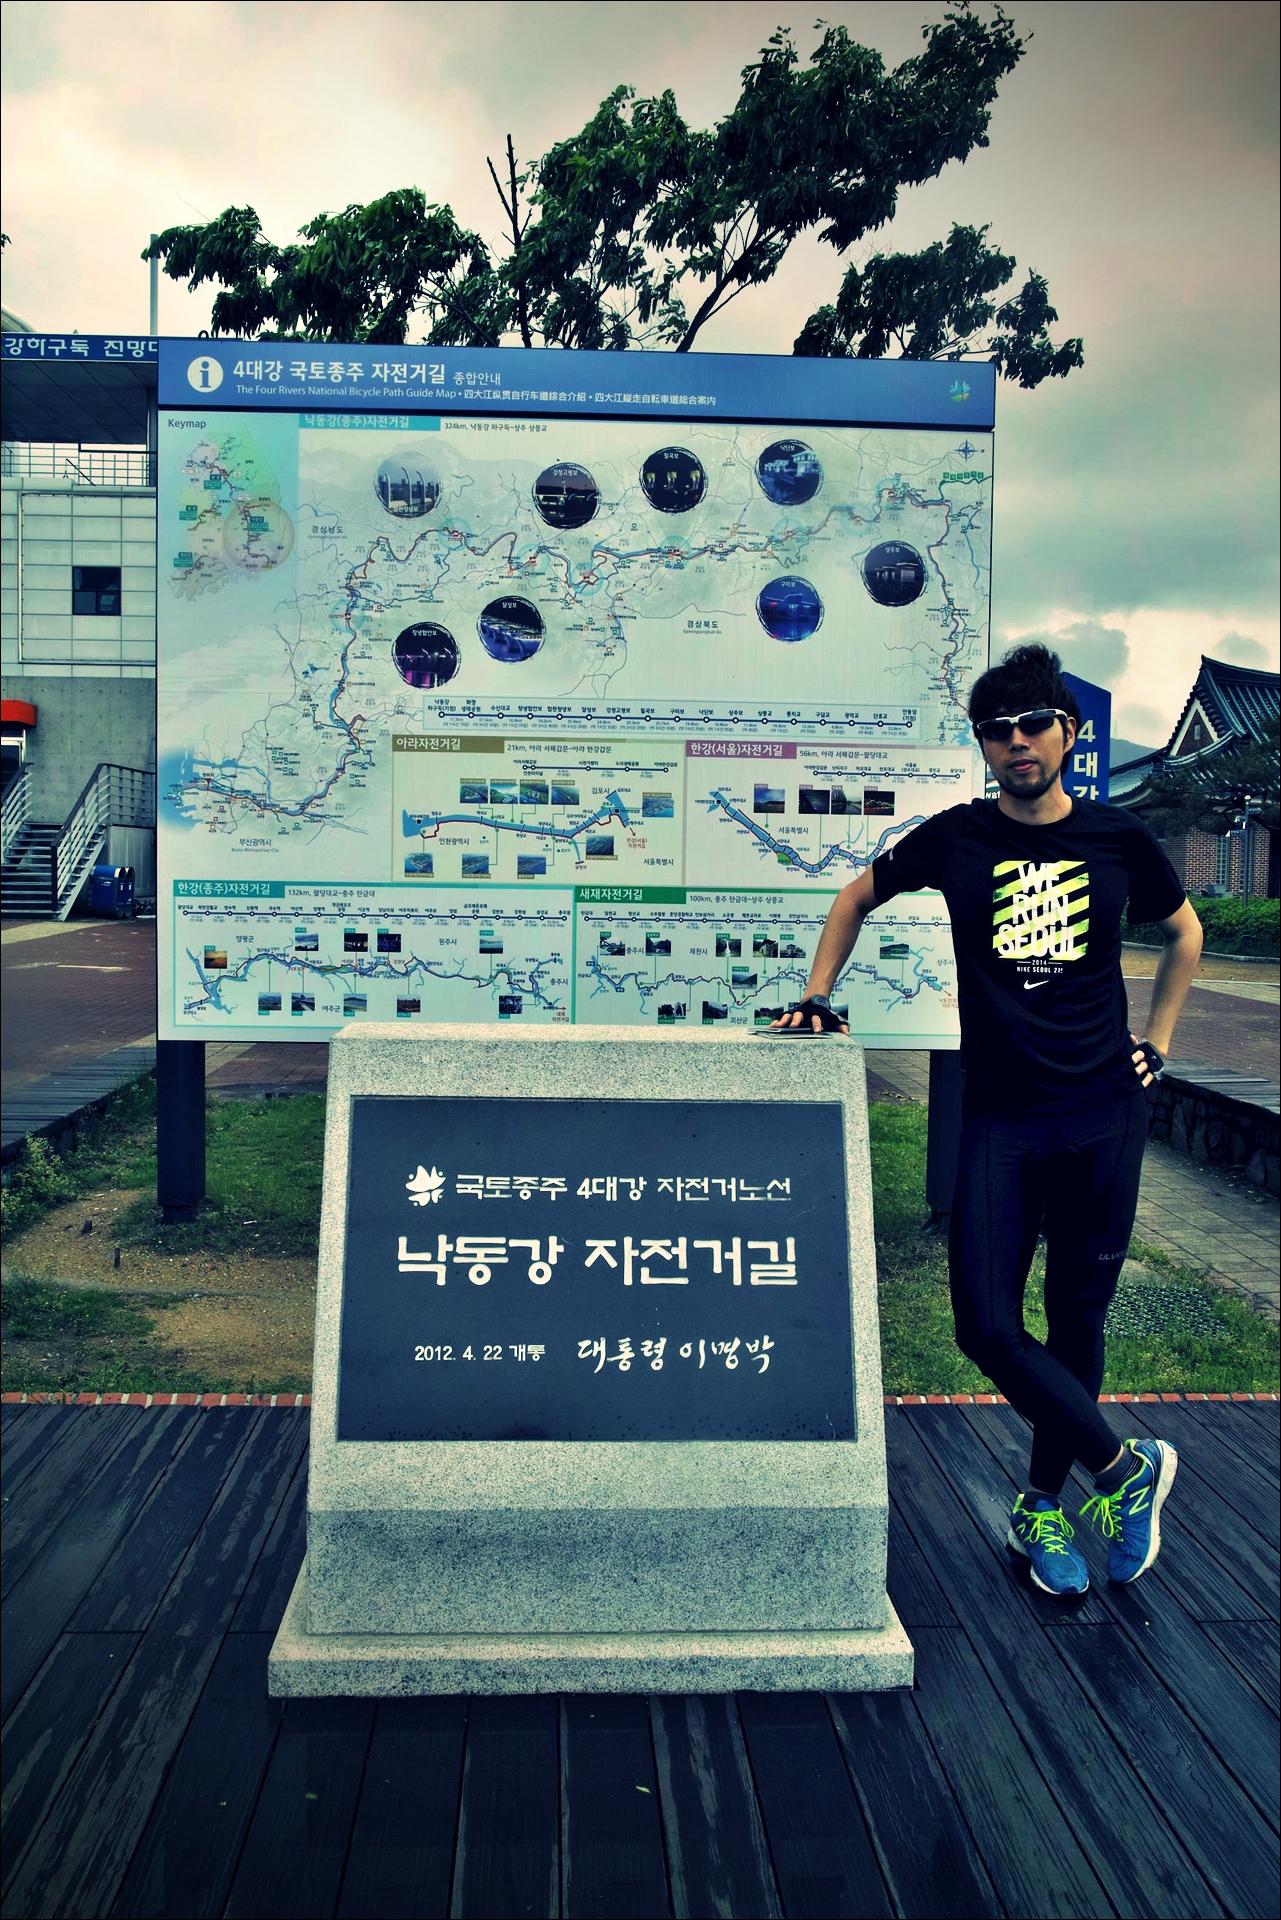 종주 완료-'낙동강 자전거 종주여행'